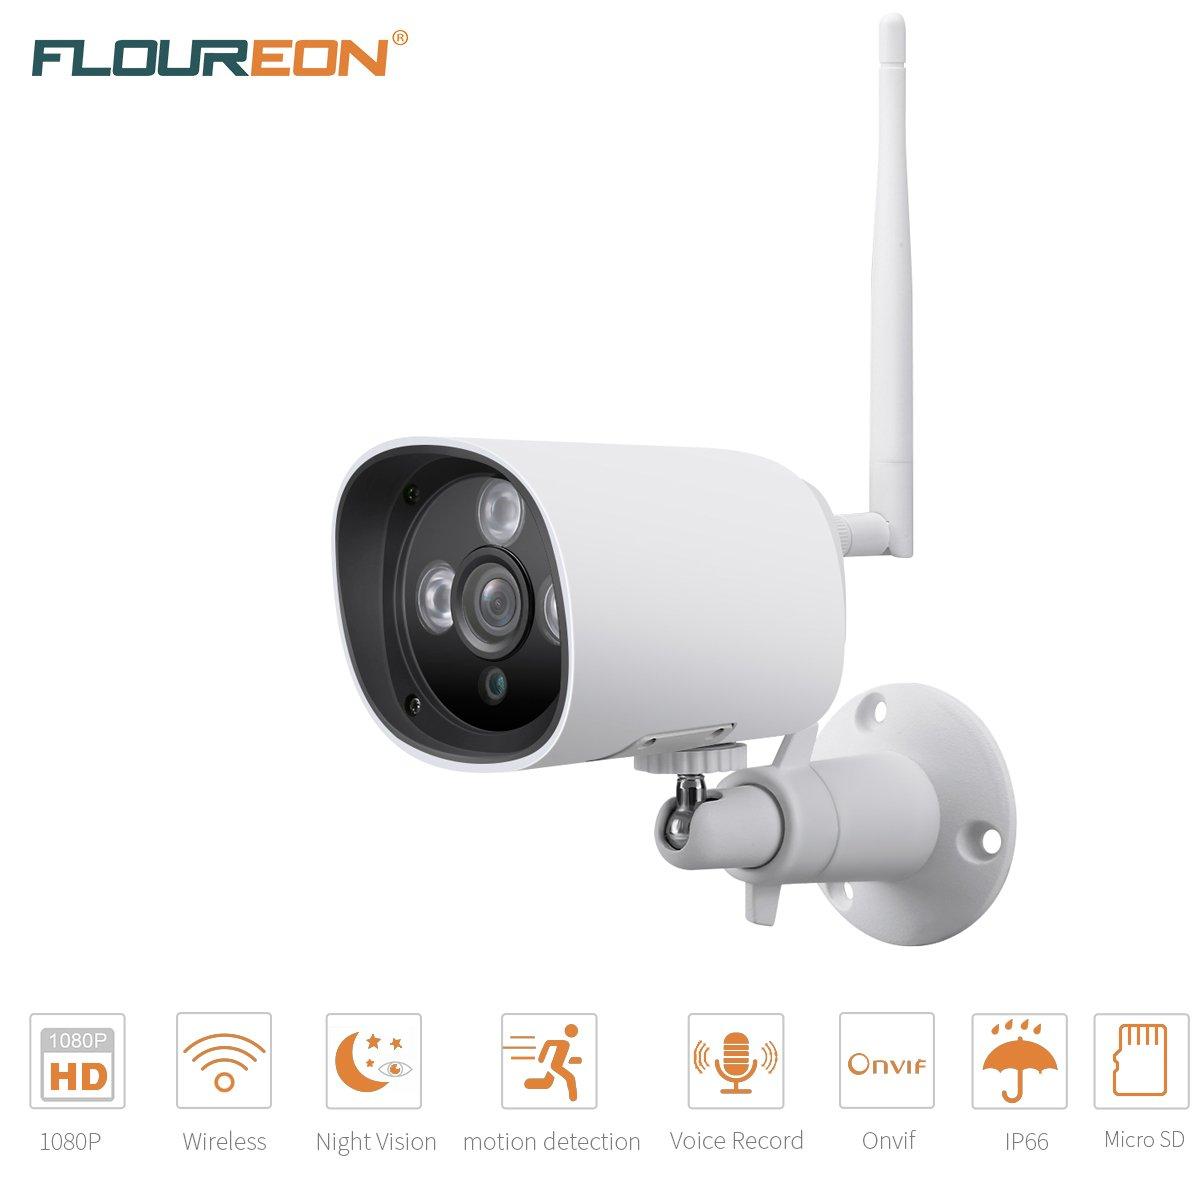 FLOUREON Caméra de Sécurité Caméra IP WiFi Extérieur 1080 P 2.0MP, Caméra de Surveillance Etanche HD sans Fil H.264, CCTV Sécurité Vision Nocturne IP66 Intégré Mic IR-Cut, Support Carte SD